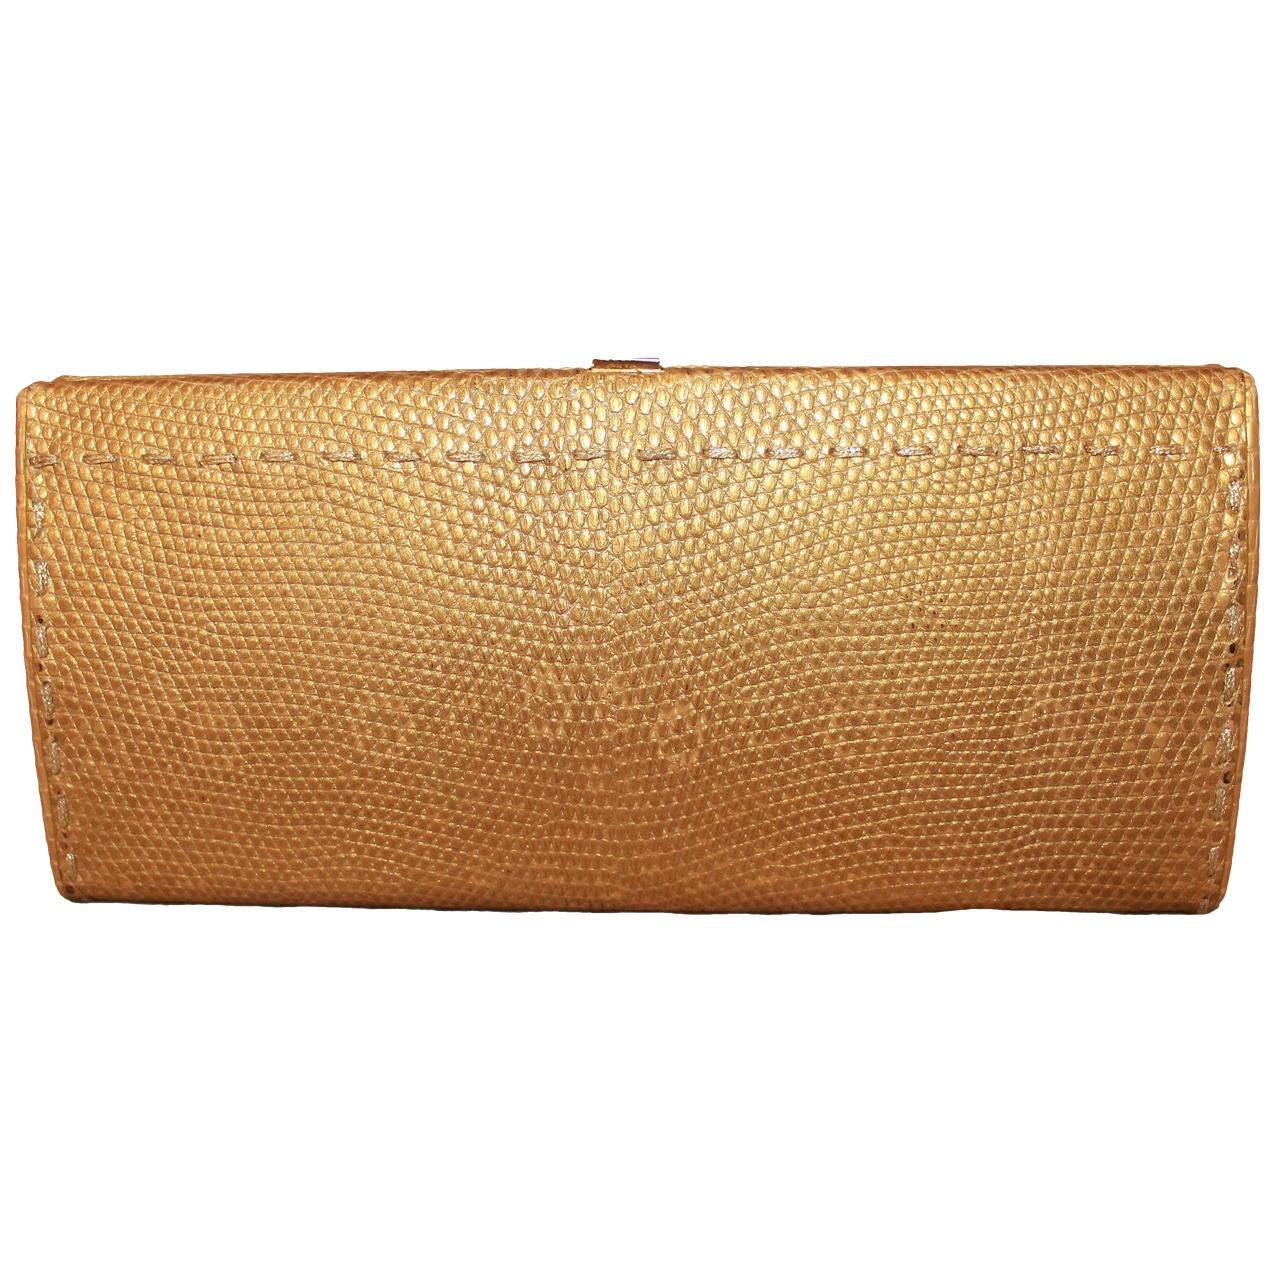 VBH Gold Lizard Clutch with Stitched Trim